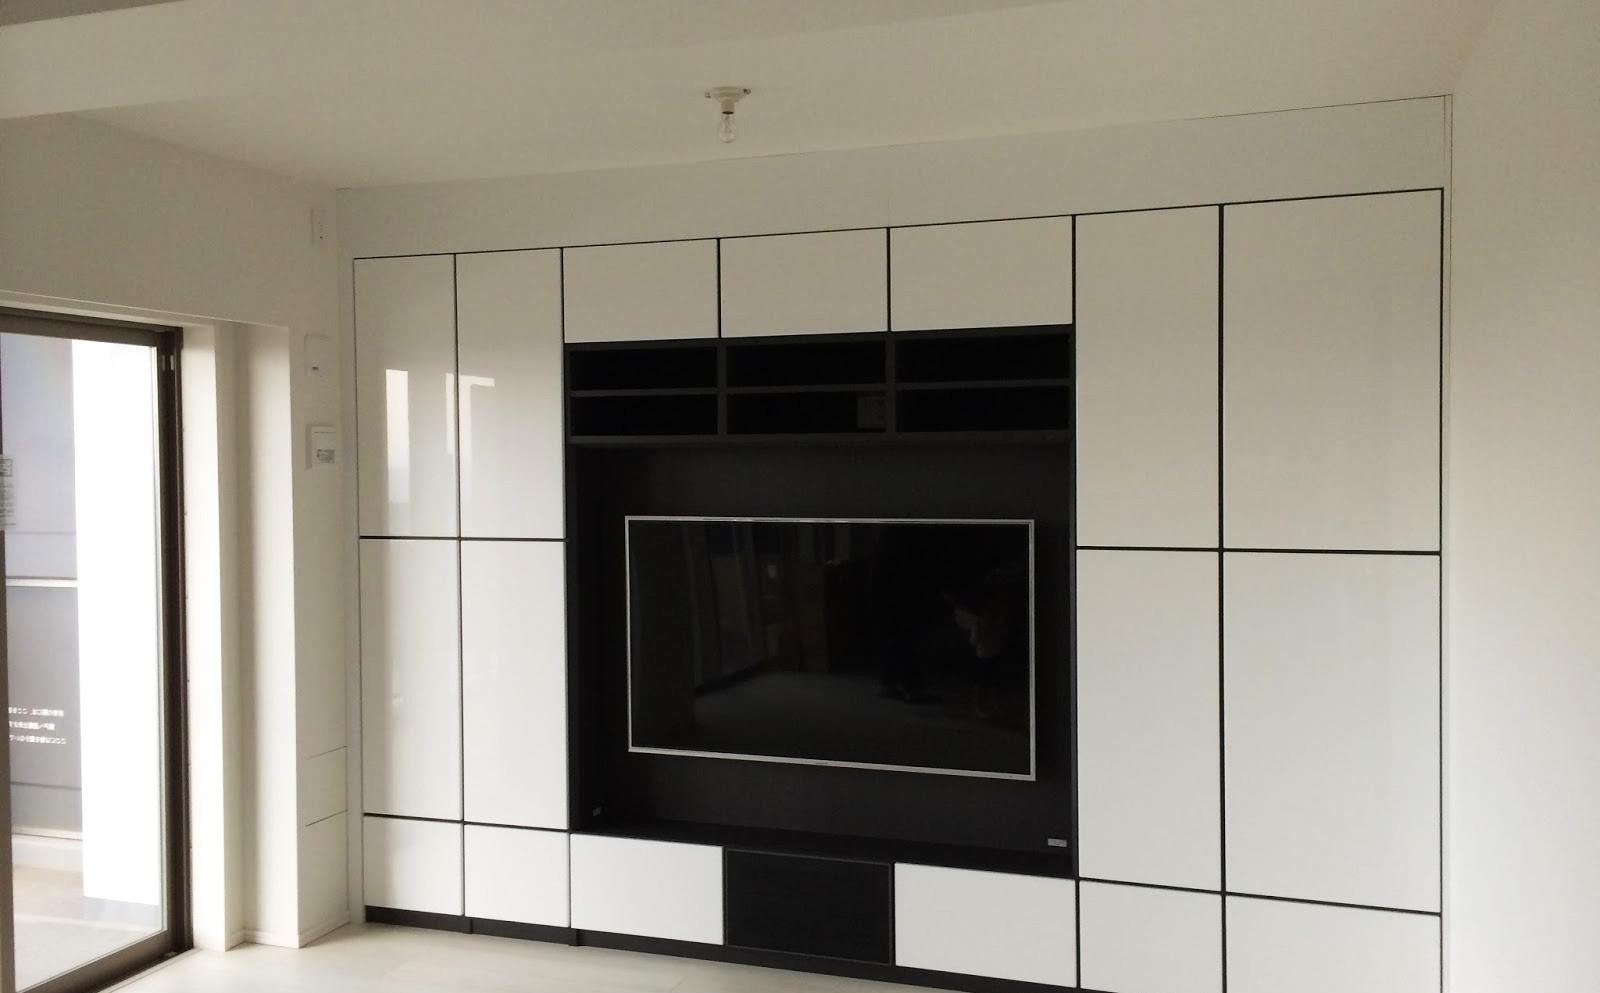 Стенка в гостиную с зоной для телевизора в черно-белом цвете